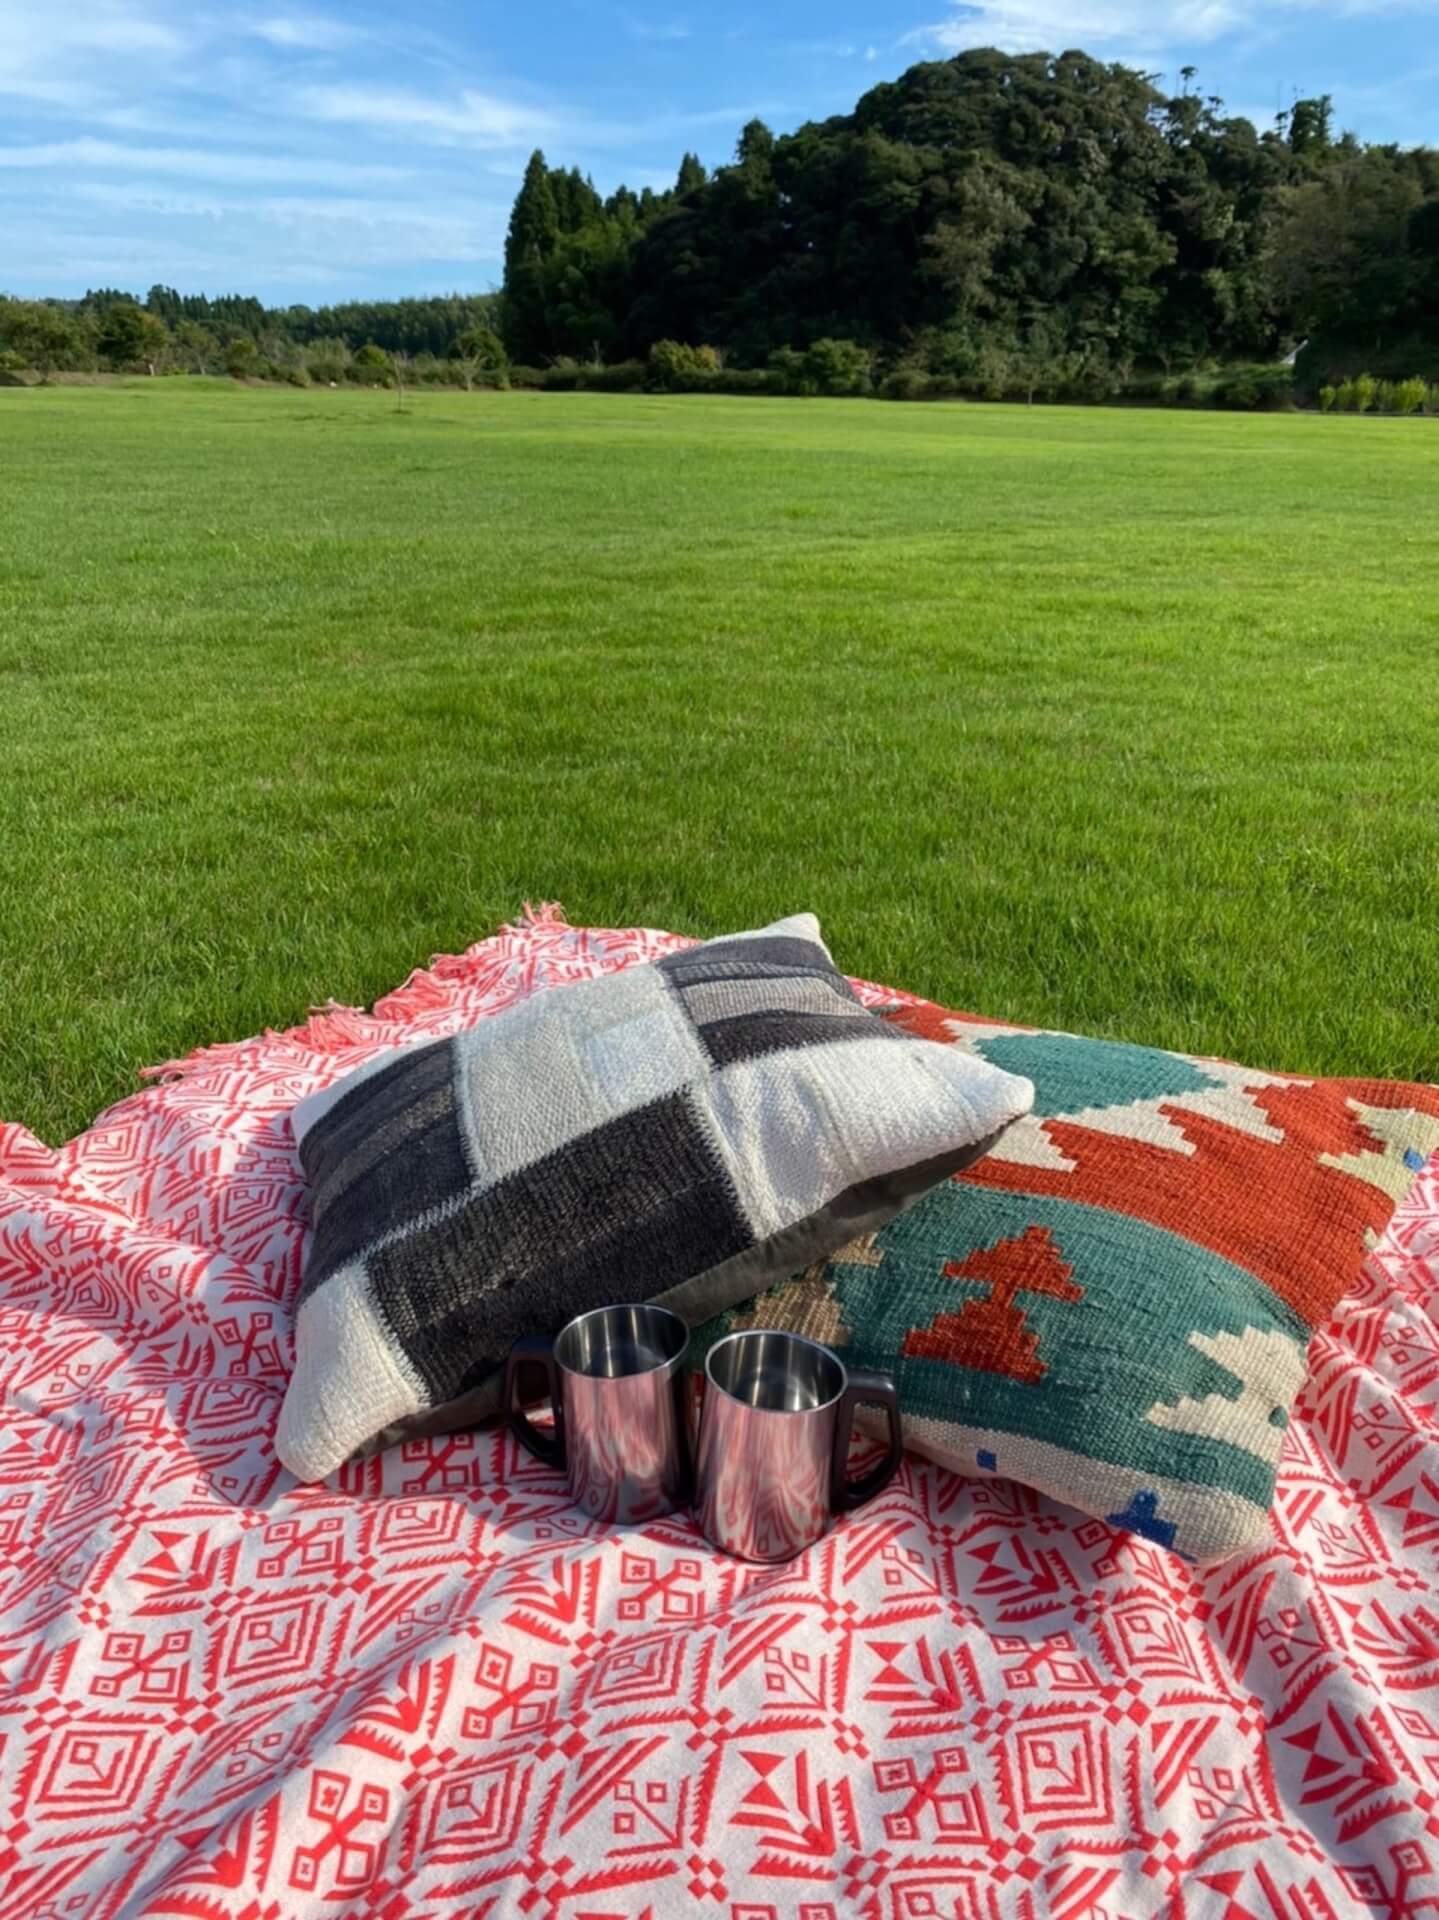 音楽と瞑想、ヨガ、サウナで心を癒し整えるキャンプフェス<SOUL RETREAT CAMP 2021>が開催決定! culture20121_soulretreatcamp_19